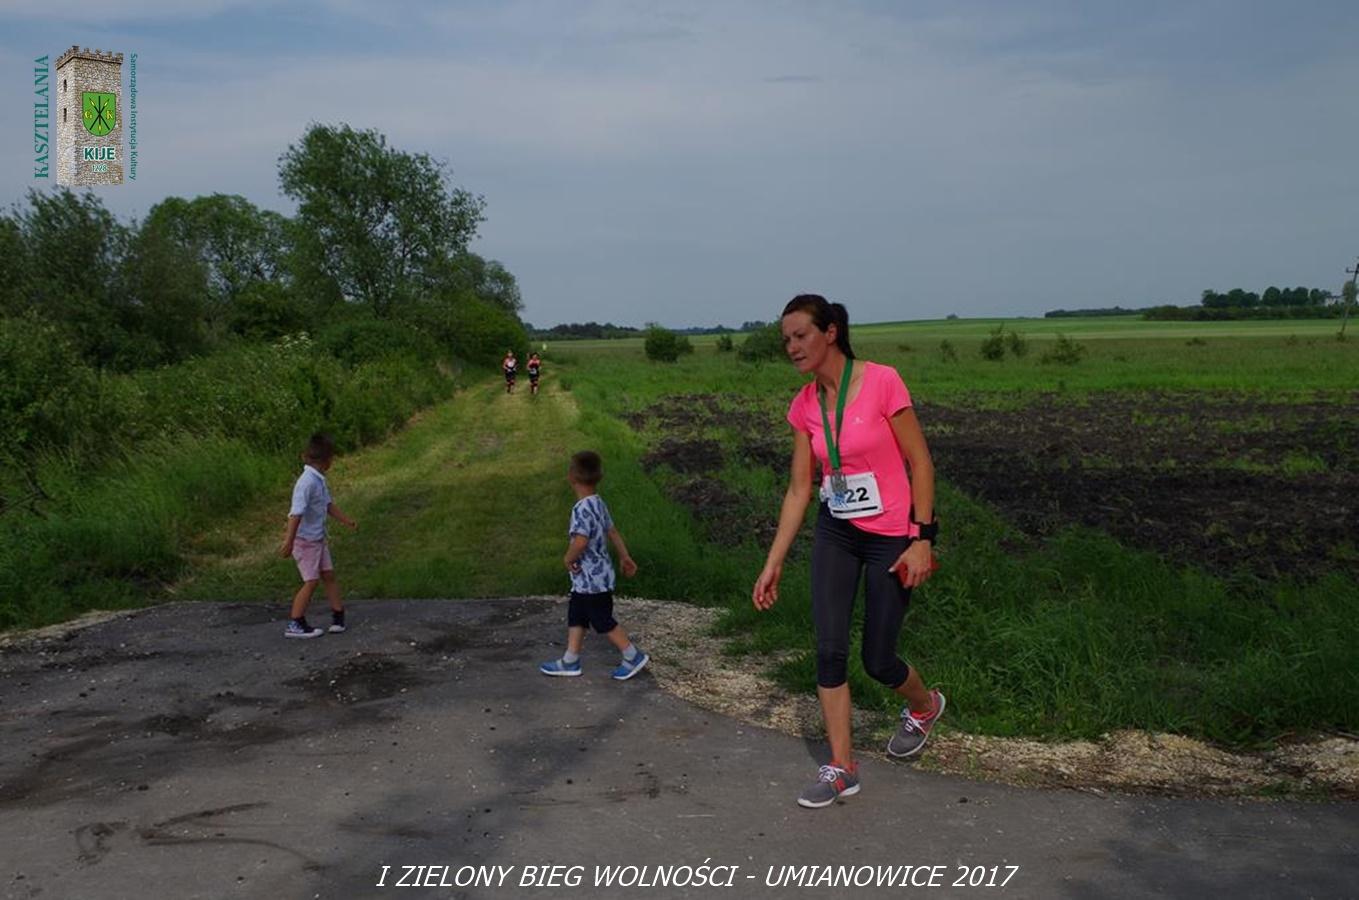 images/galleries/imprezy/2017/bieg_wolnosci/foto_kasztelania/IMGP0962 (Copy)